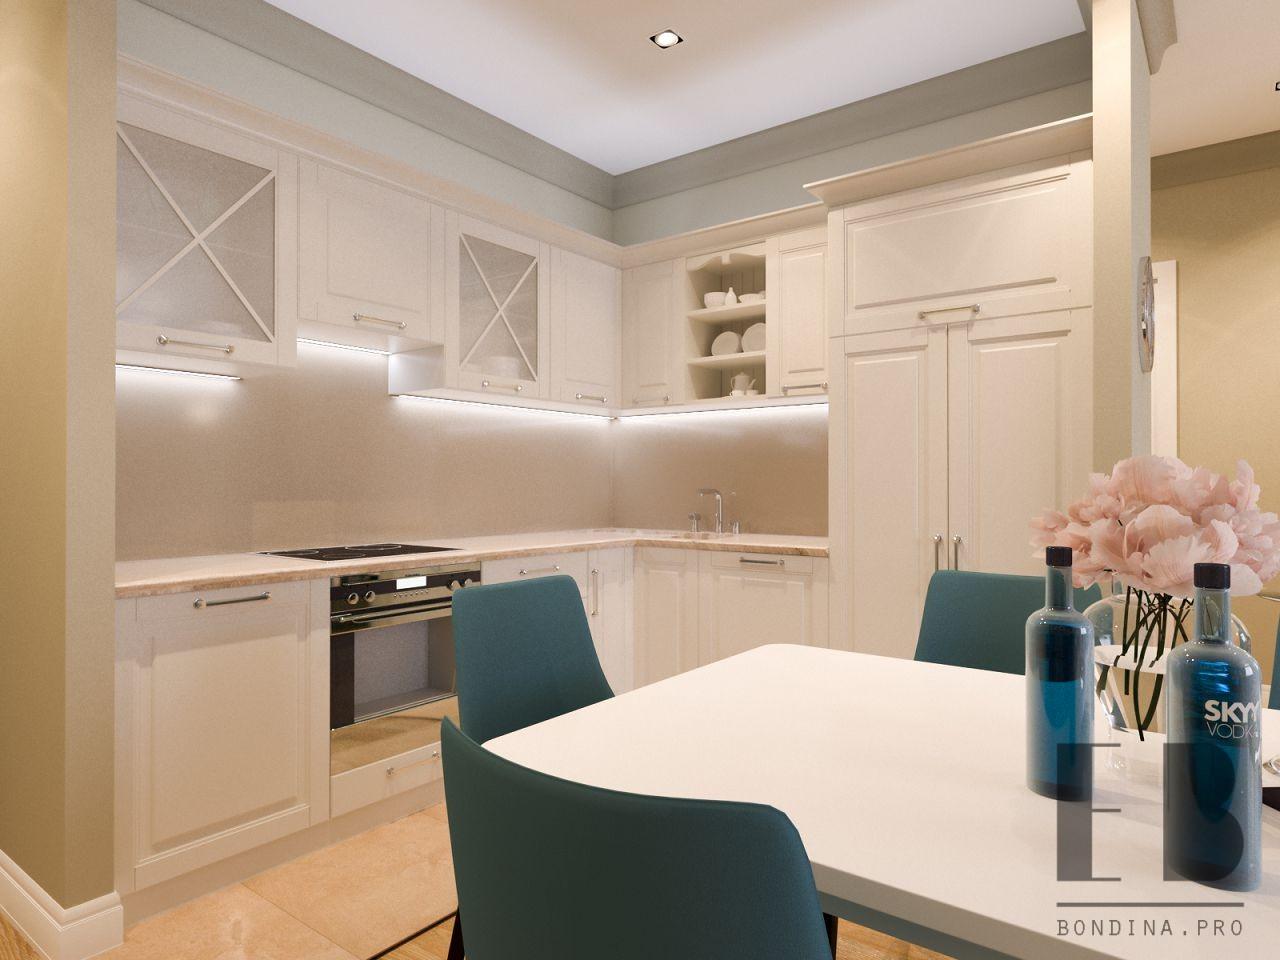 Kitchen interior in bright colors